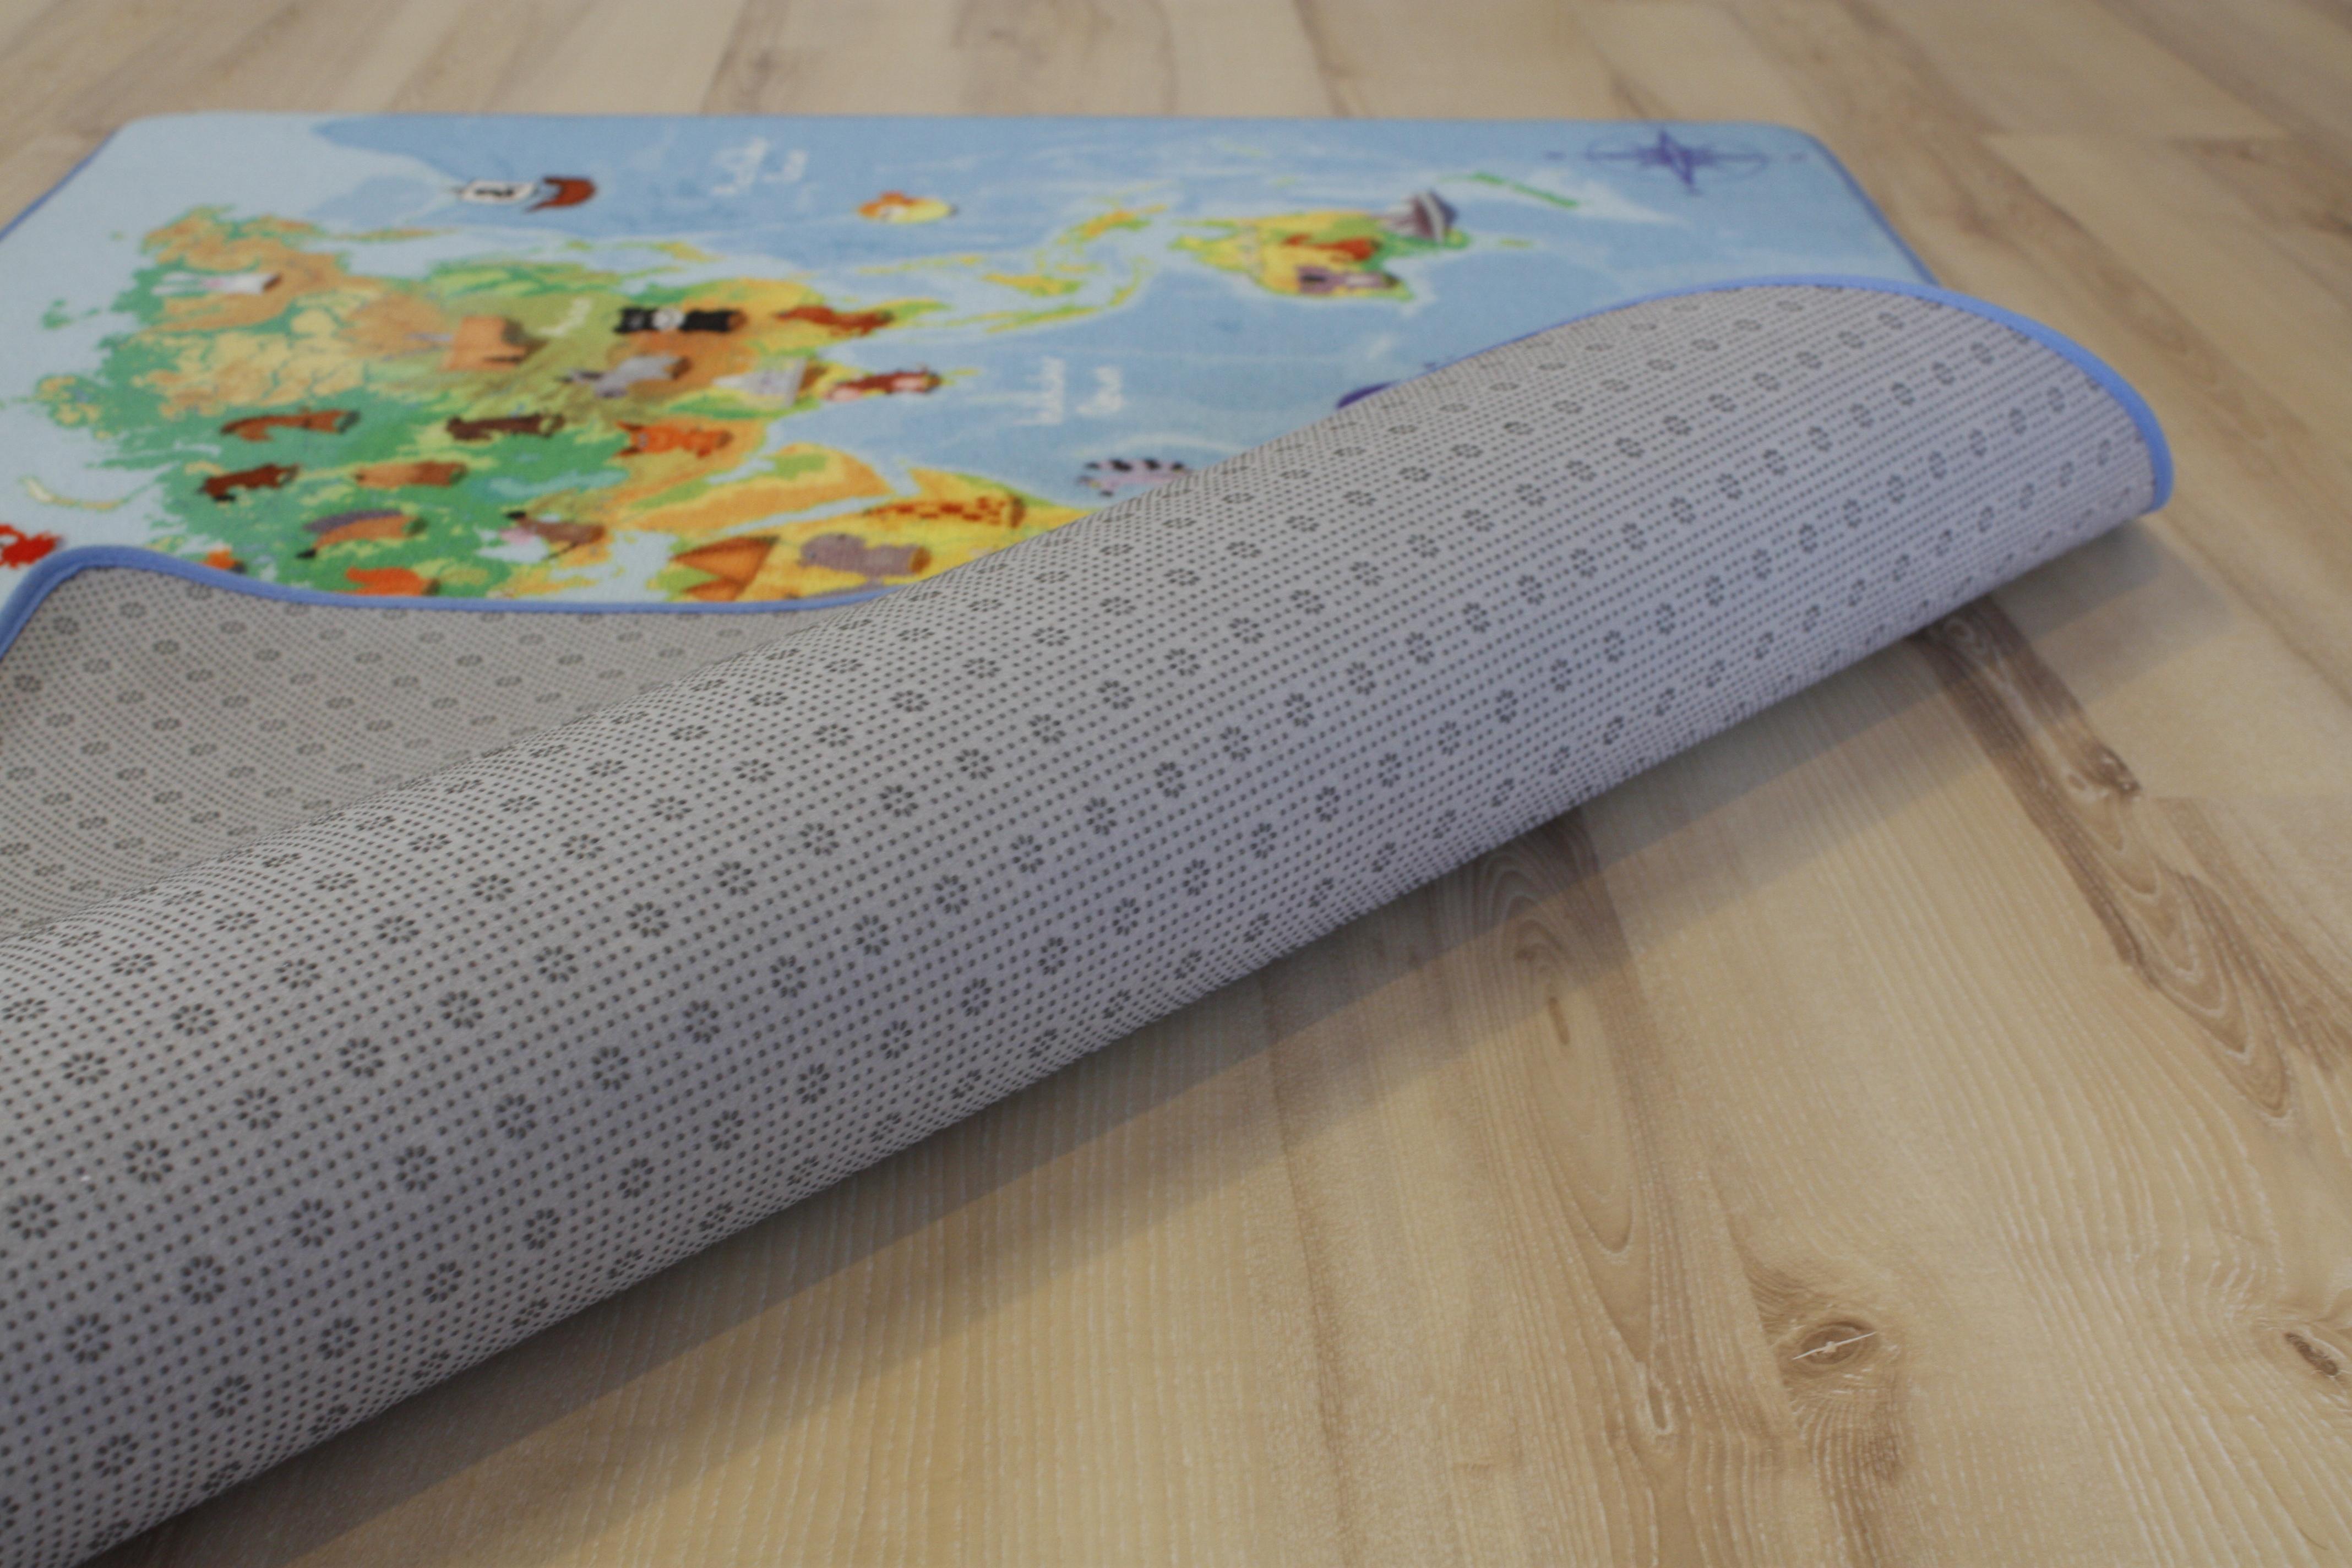 Tappeto bambini tappeto da gioco mappa mondo 140 x 200cm - Tappeto riscaldamento pavimento ...